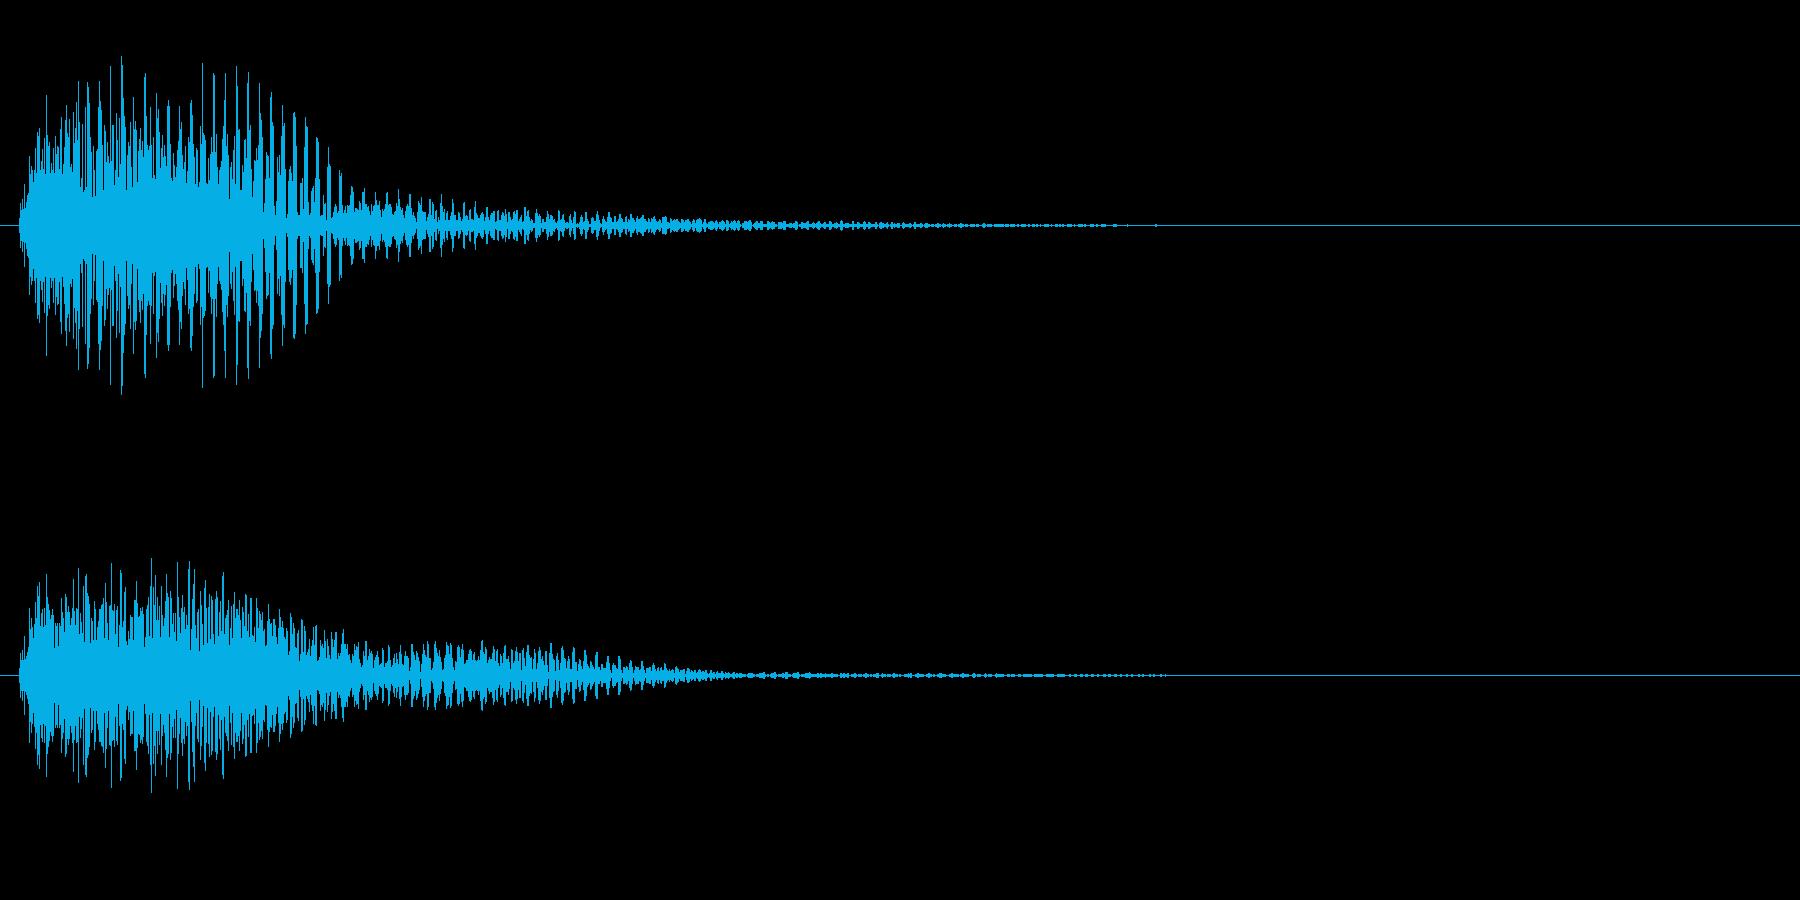 軍隊3 スタート音 豪華決定音の再生済みの波形